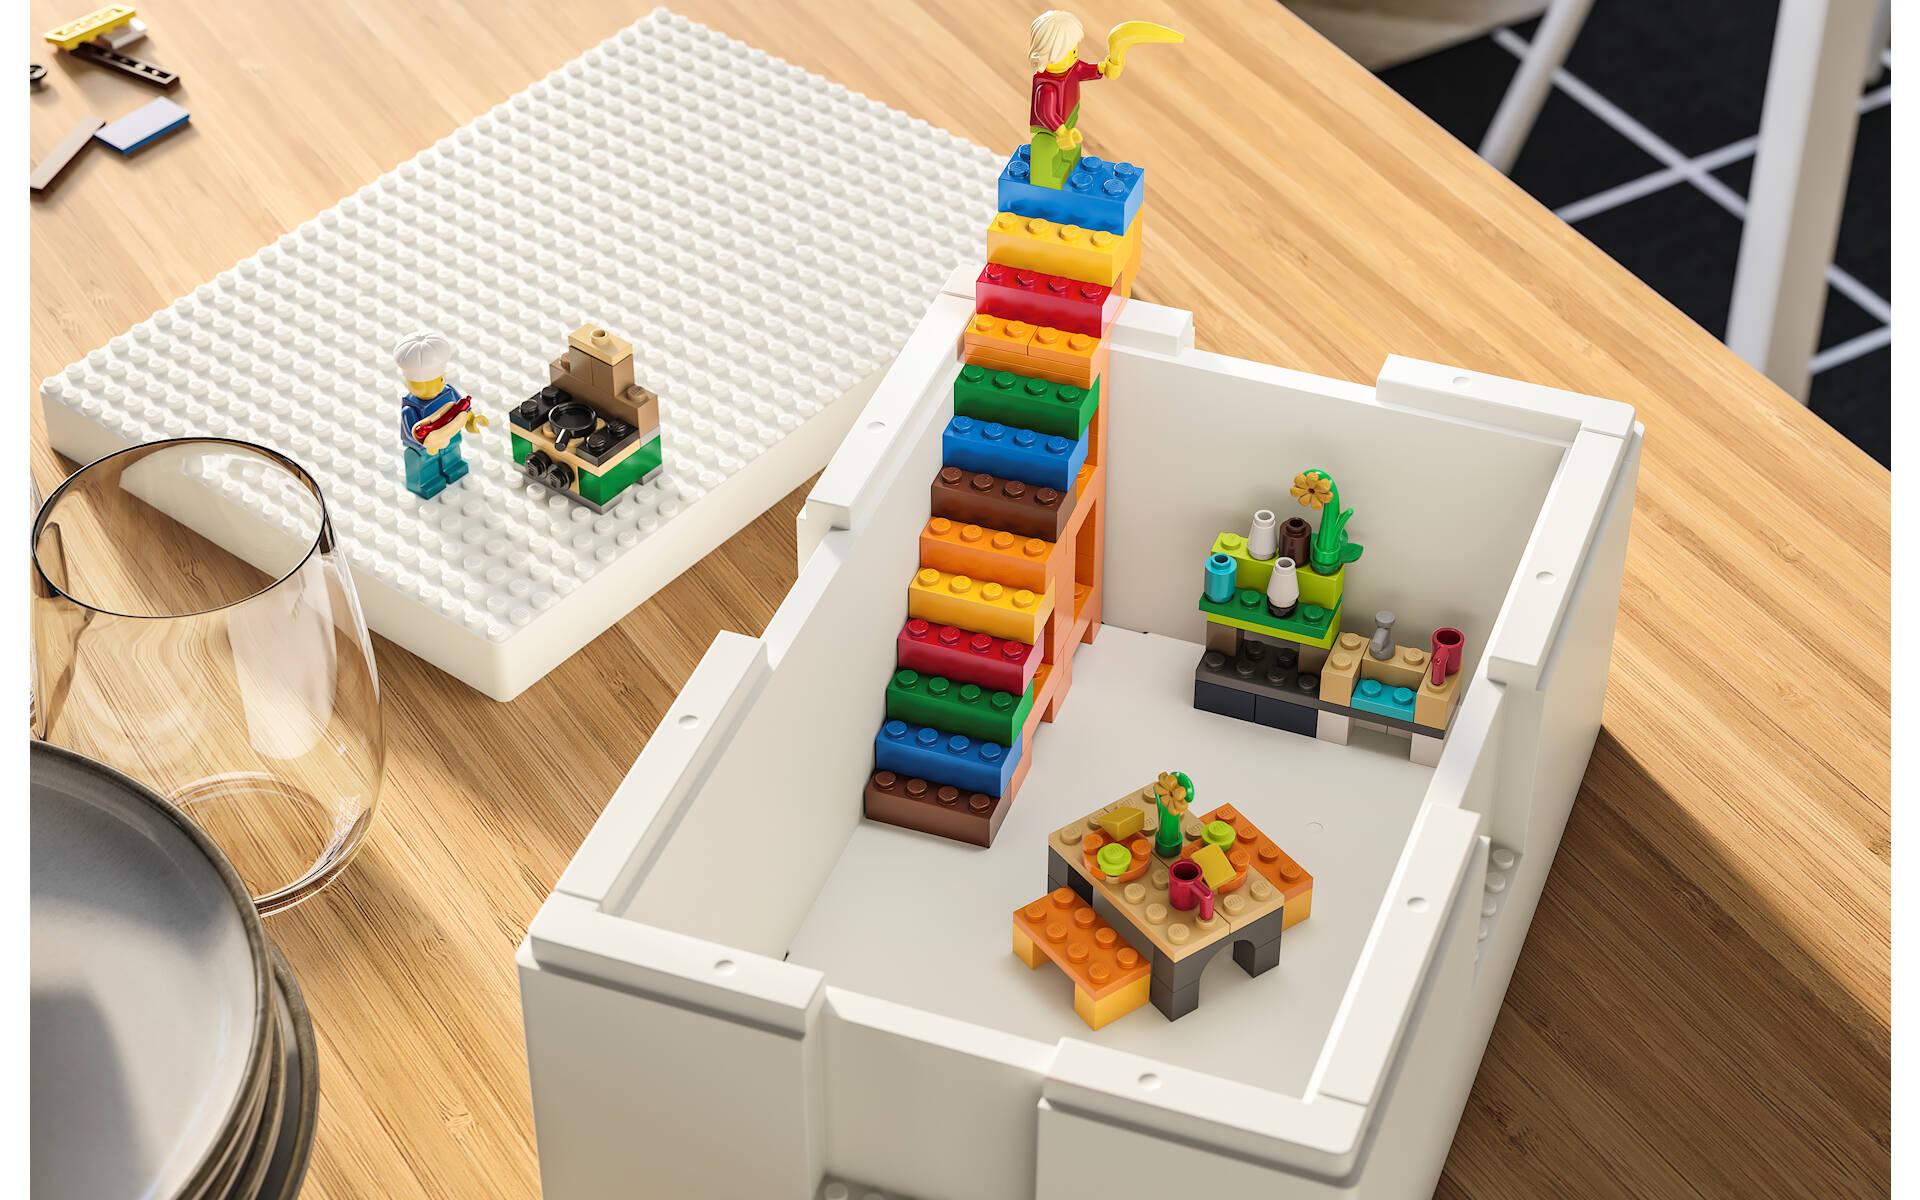 LEGO IKEA: presentata ufficialmente la nuova linea BYGGLEK ...